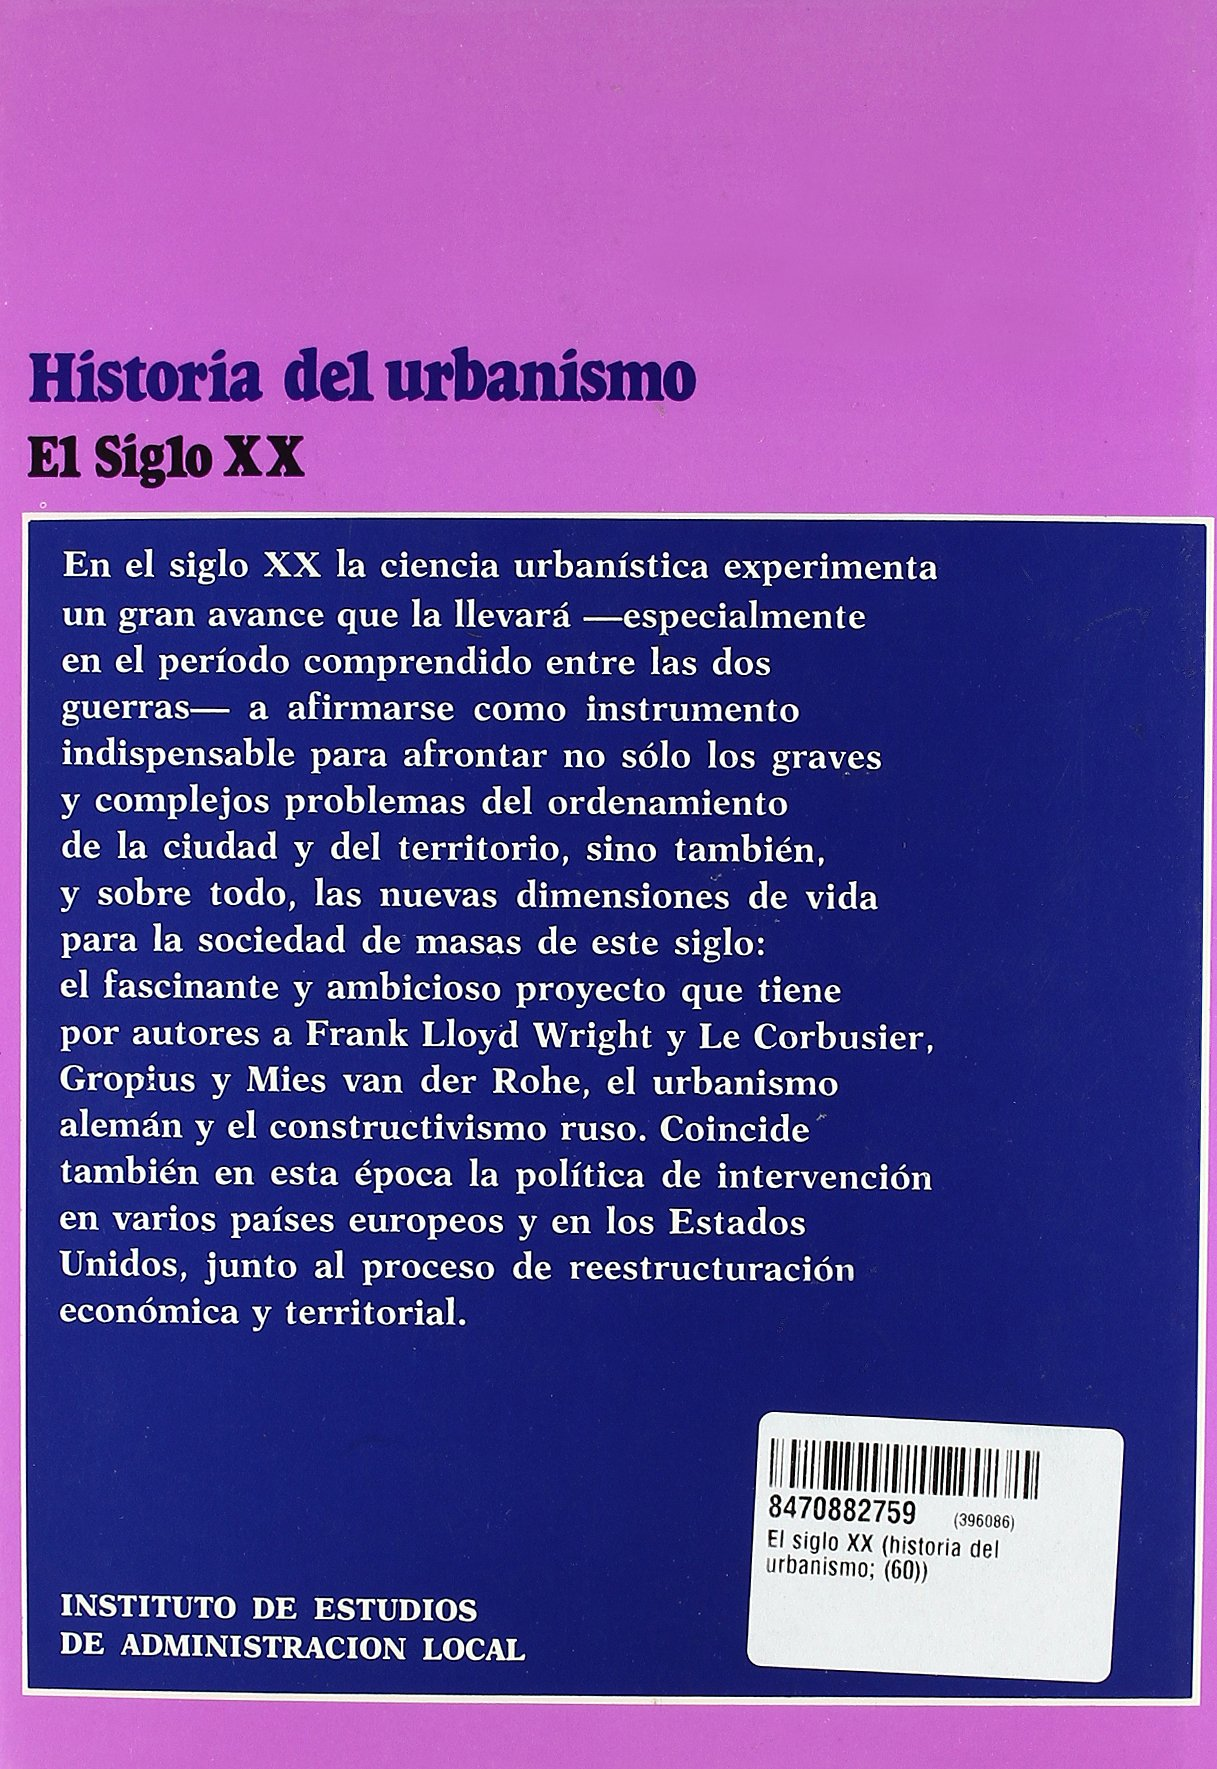 paolo sica historia del urbanismo